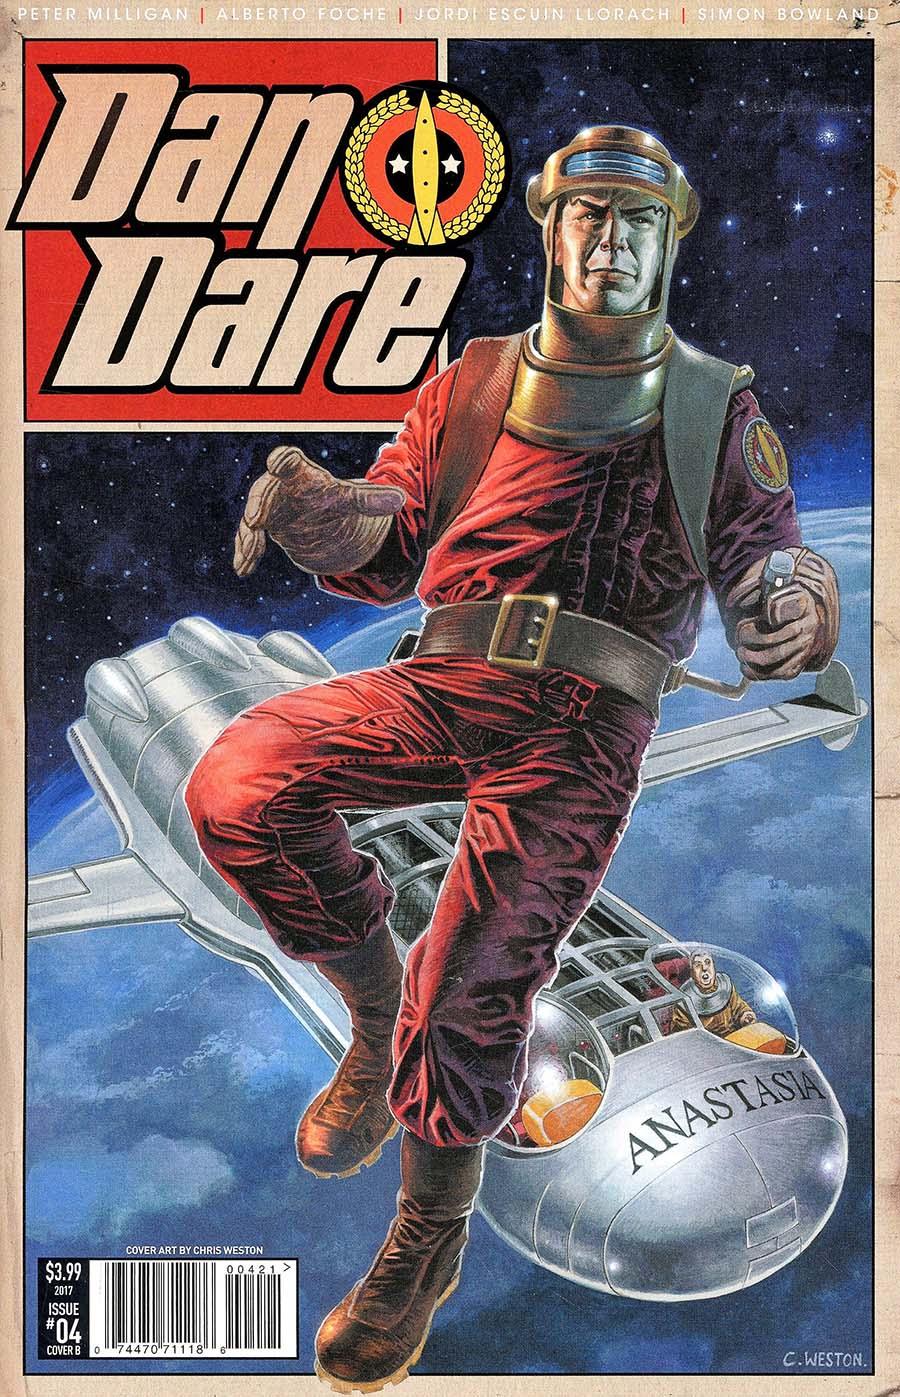 Dan Dare Vol 2 #4 Cover B Weston